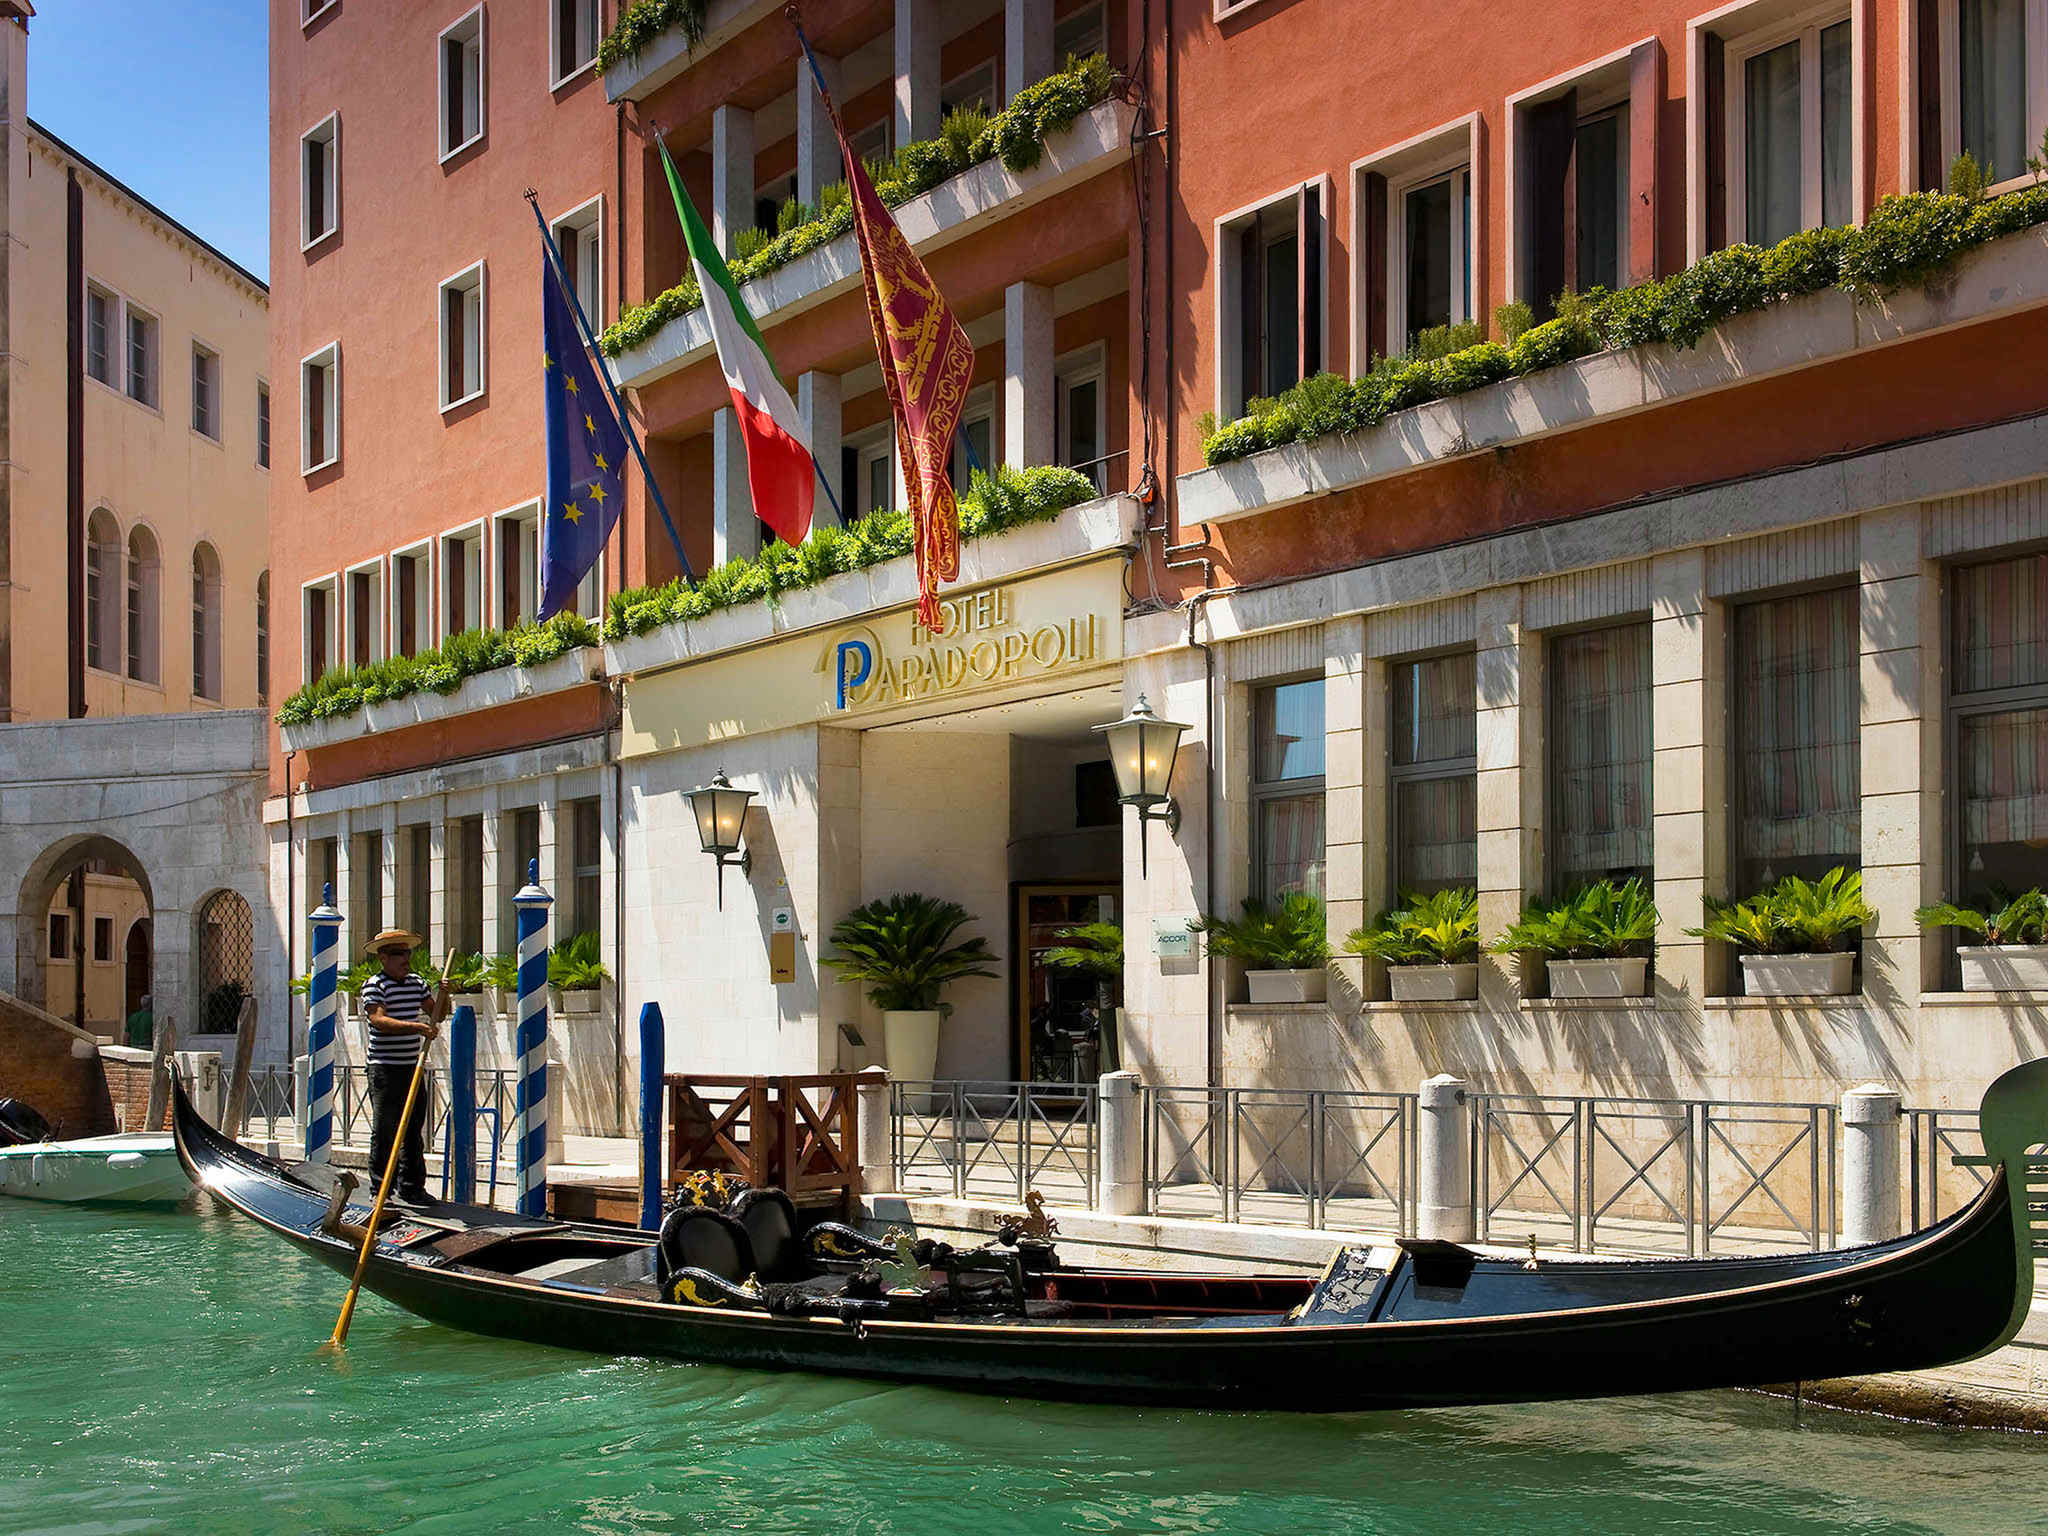 호텔 – 호텔 파파도폴리 베네치아 - 엠갤러리 바이 소피텔